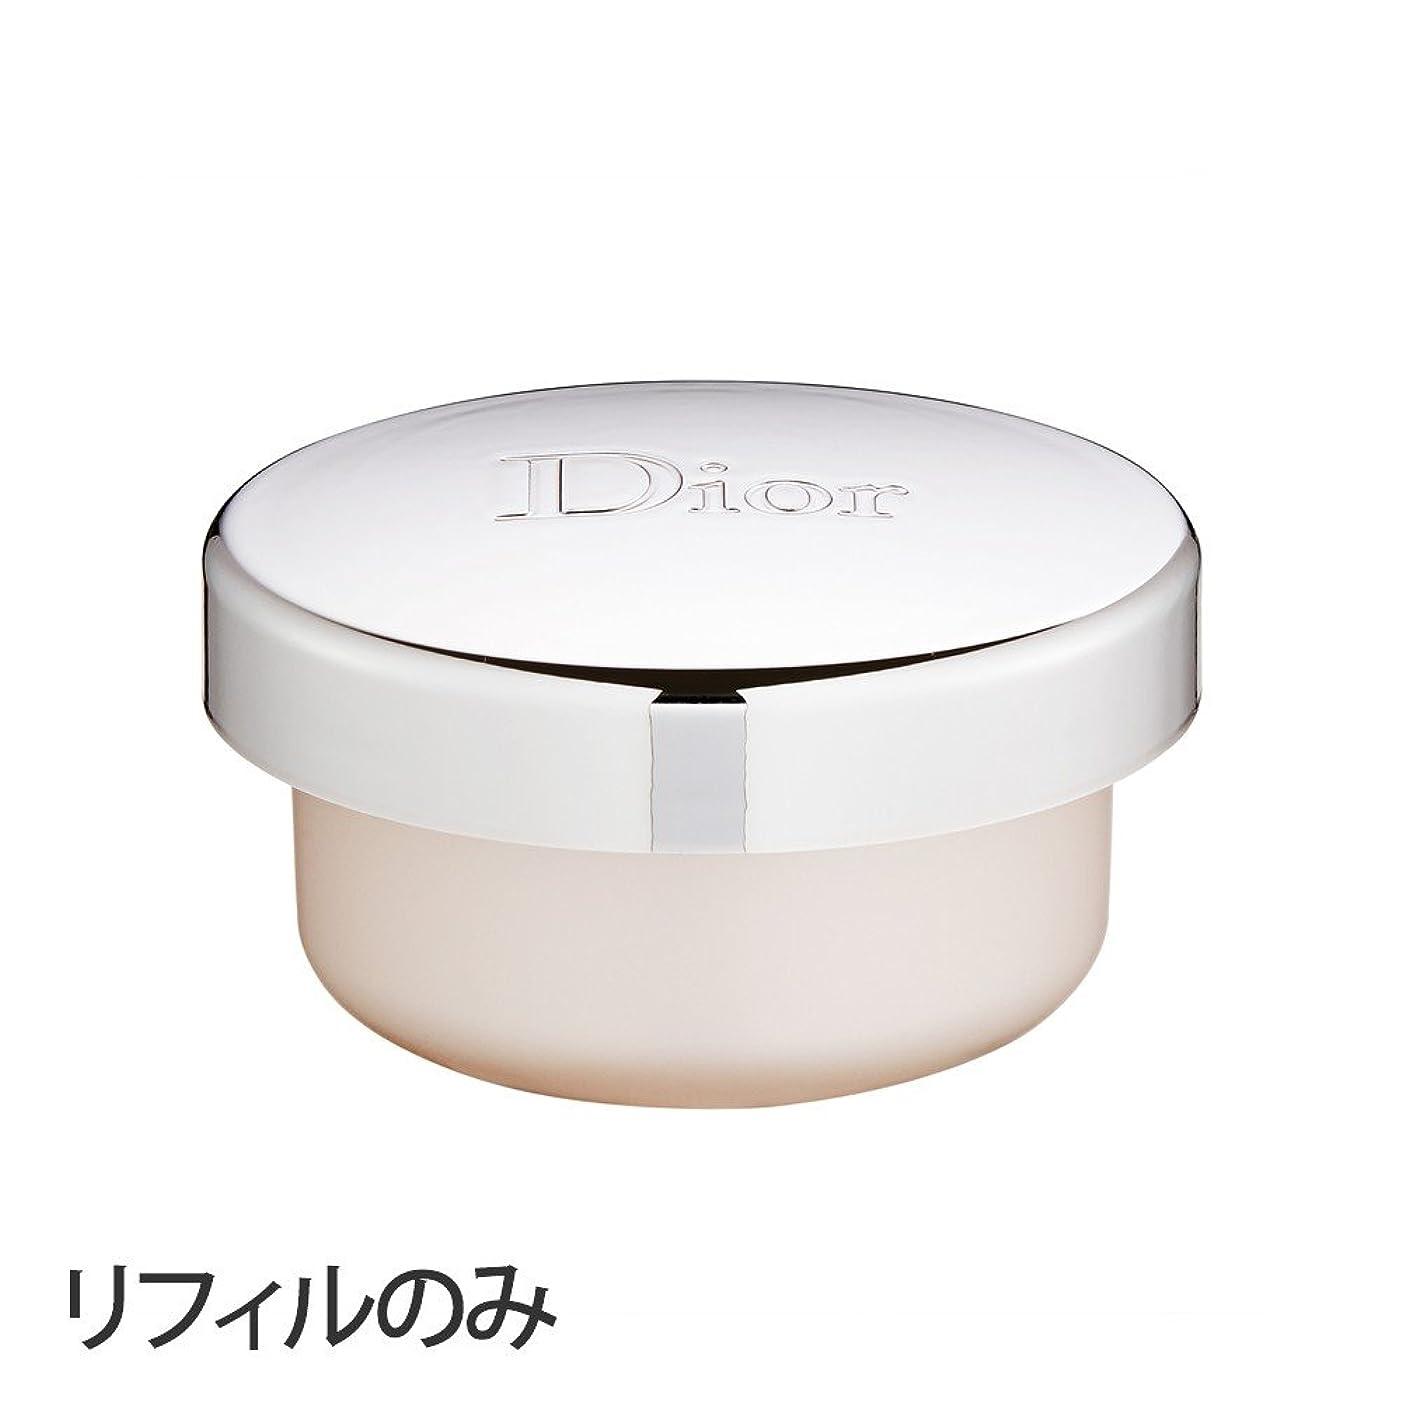 警官おめでとう事実ディオール(Dior) 【リフォルのみ】カプチュール トータル クリーム [並行輸入品]